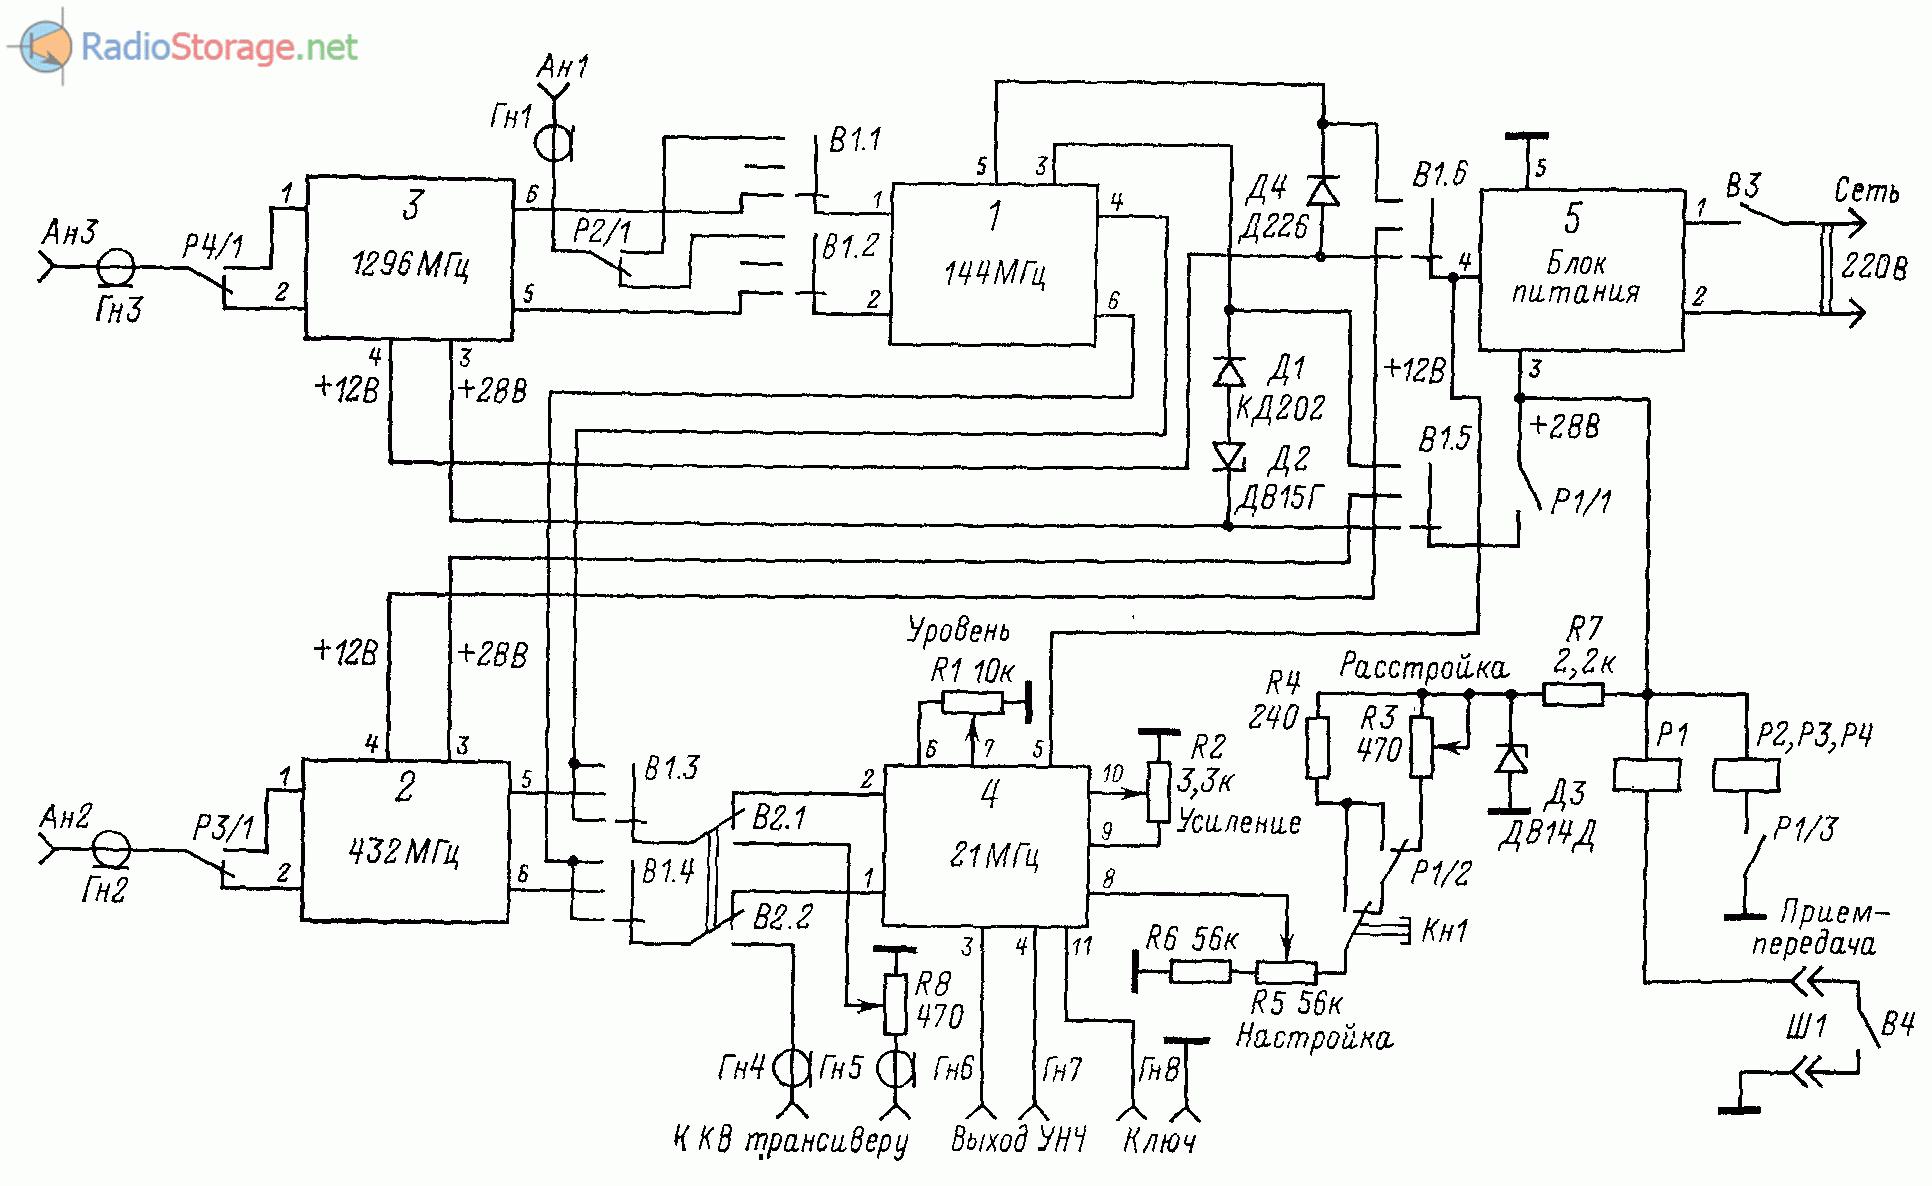 Схема межблочных соединений и цепей коммутации УКВ радиостанции